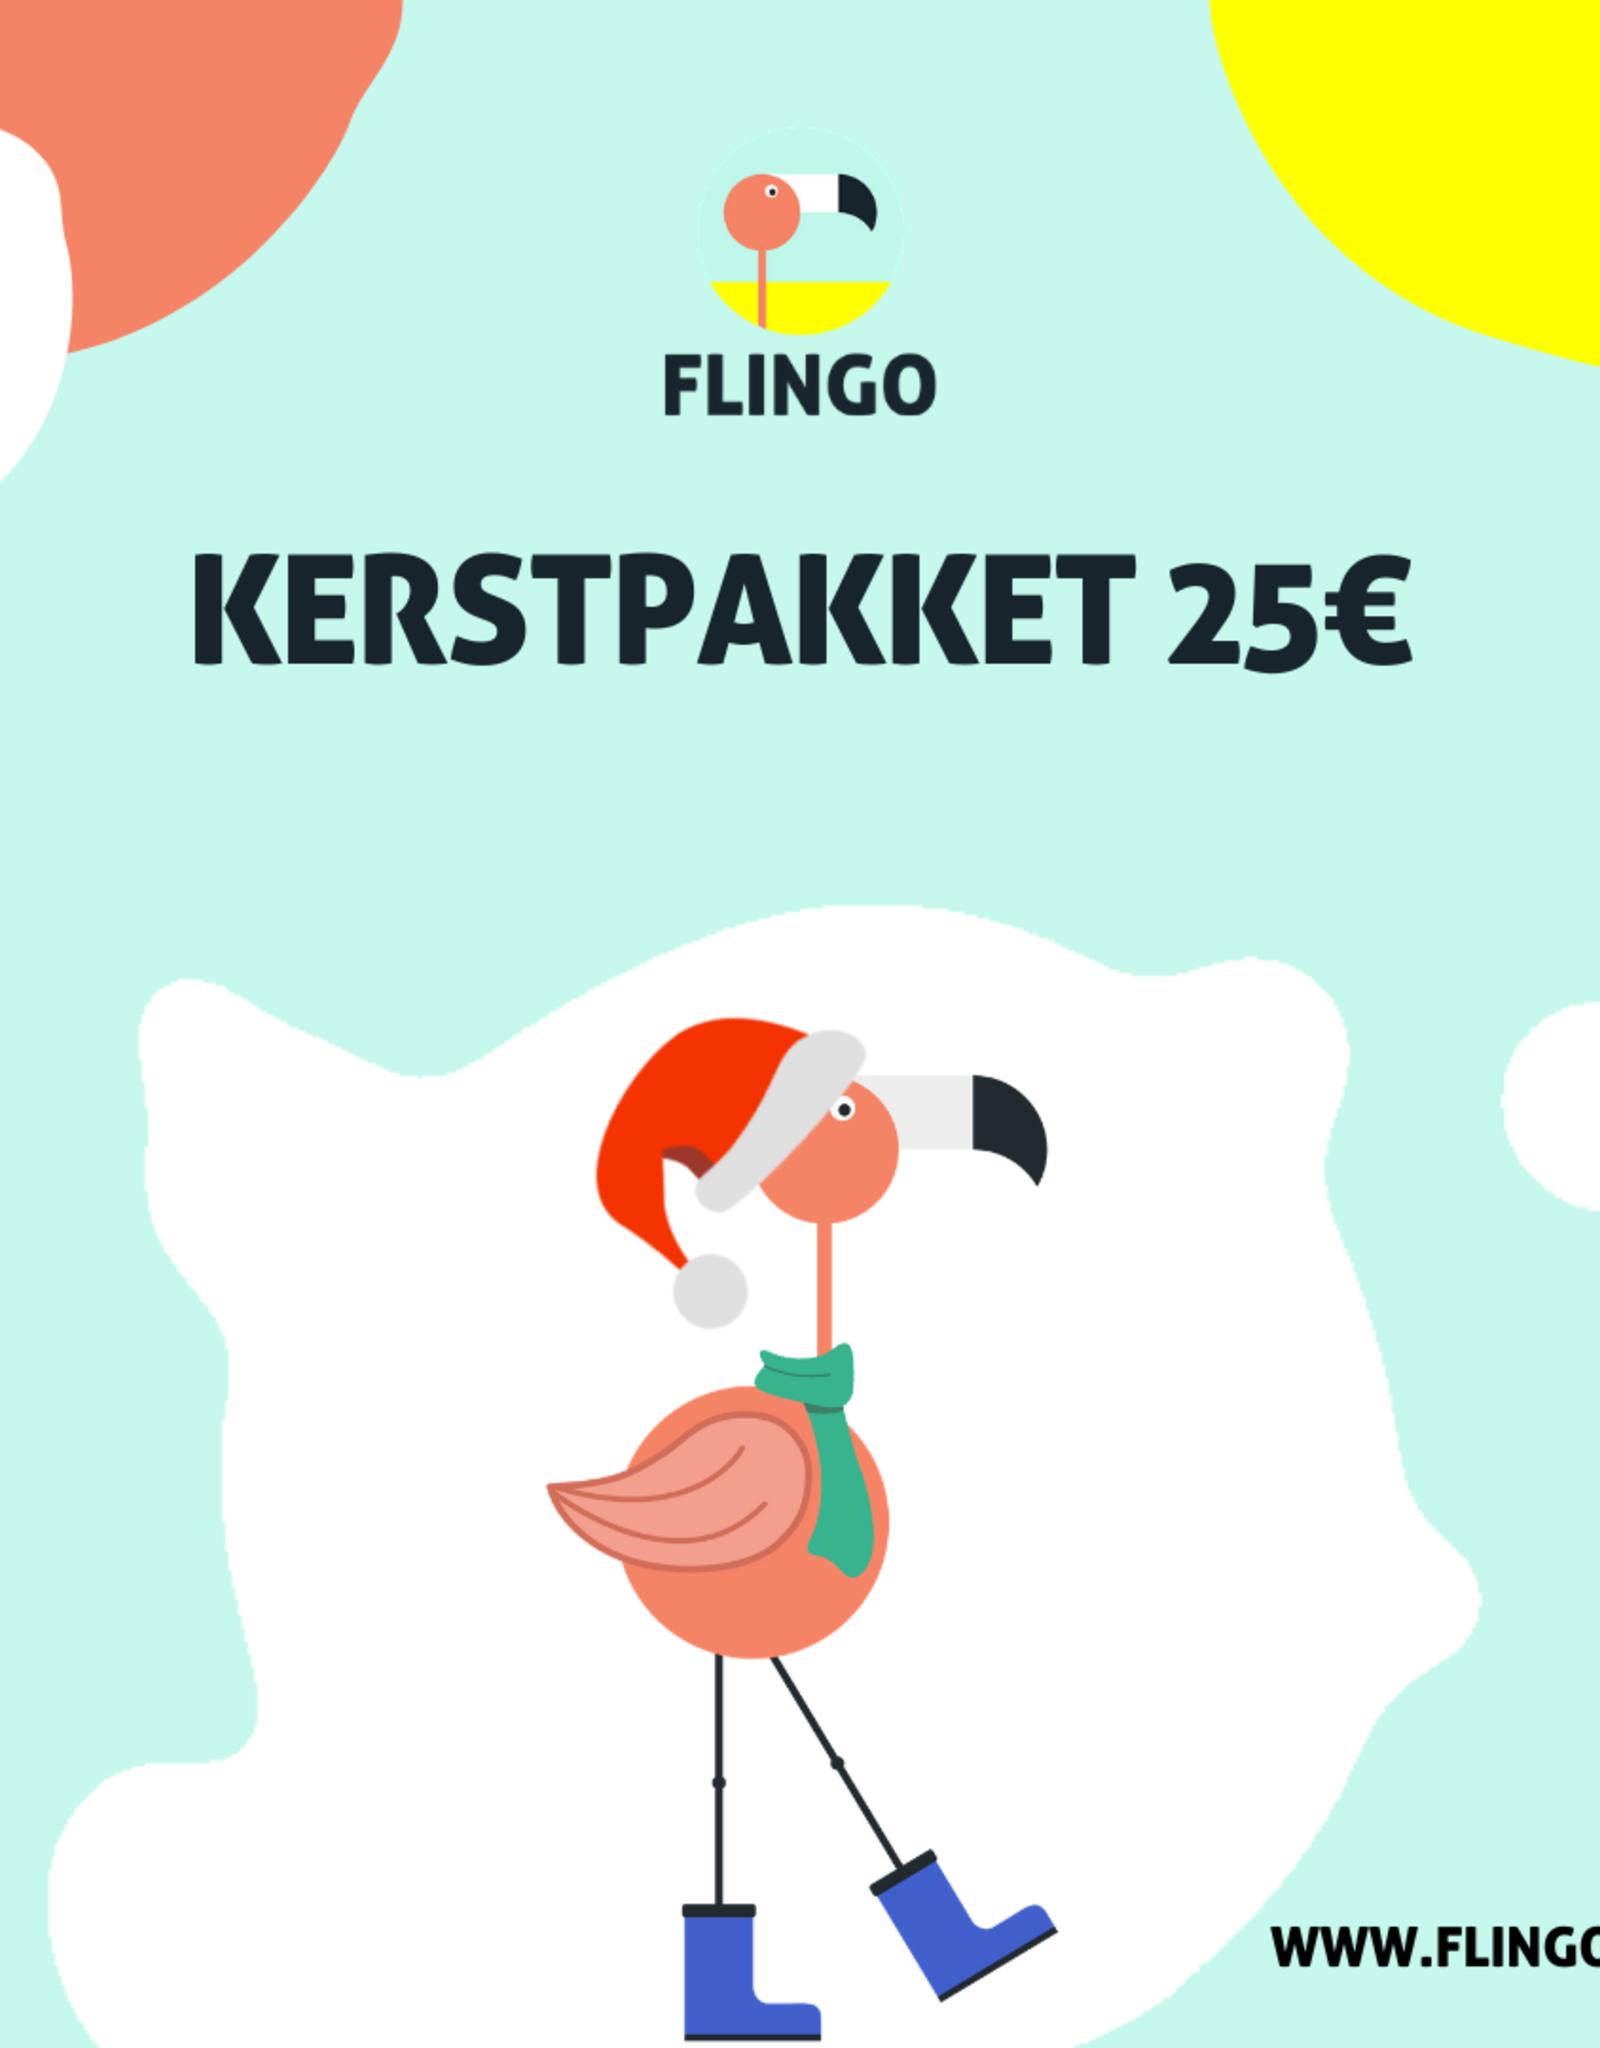 FLINGO Kerstpakket - 25€